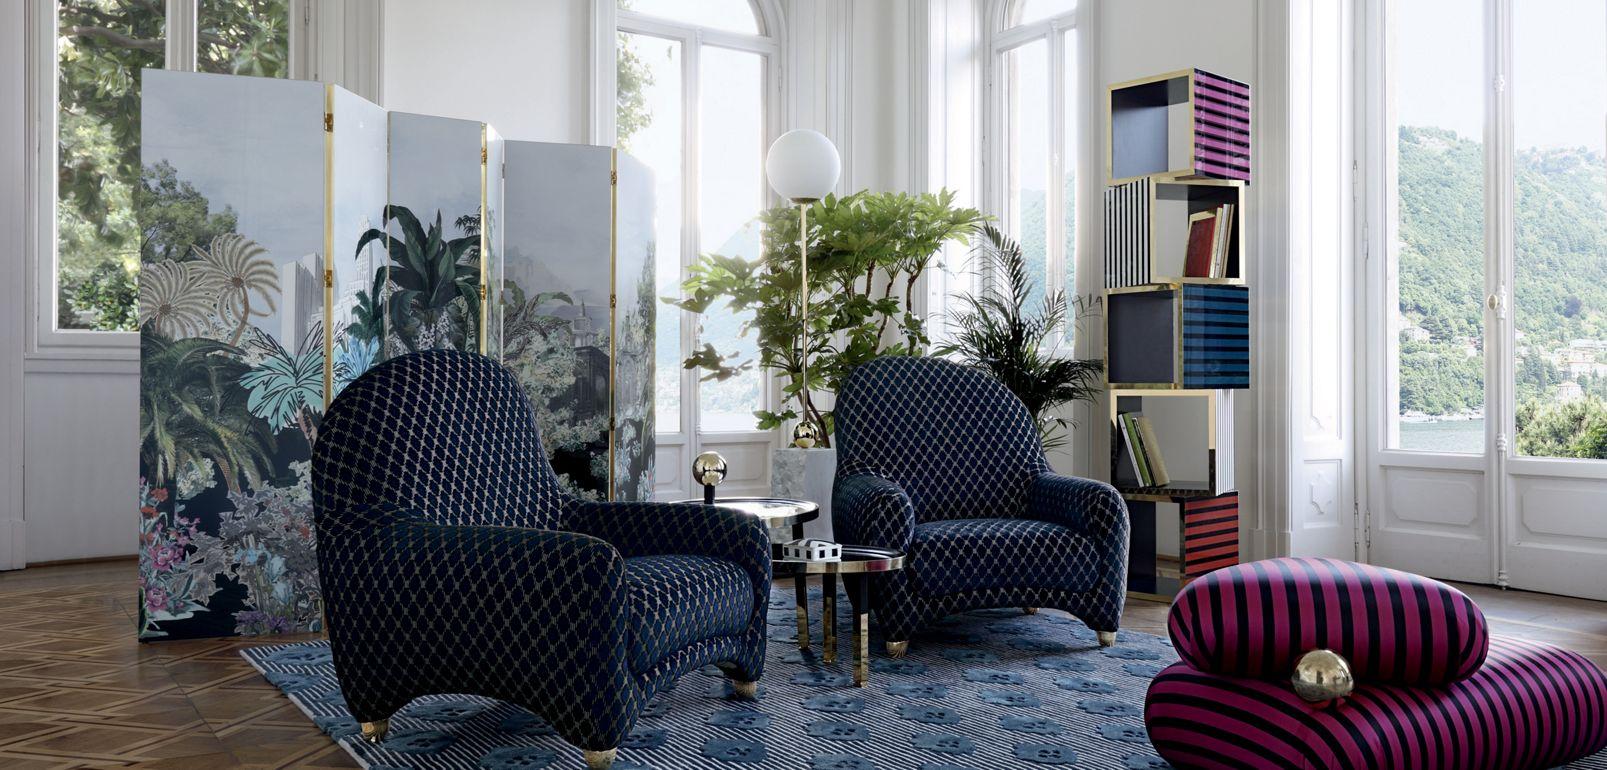 paravento grande maison lacroix collezione nouveaux classiques roche bobois. Black Bedroom Furniture Sets. Home Design Ideas